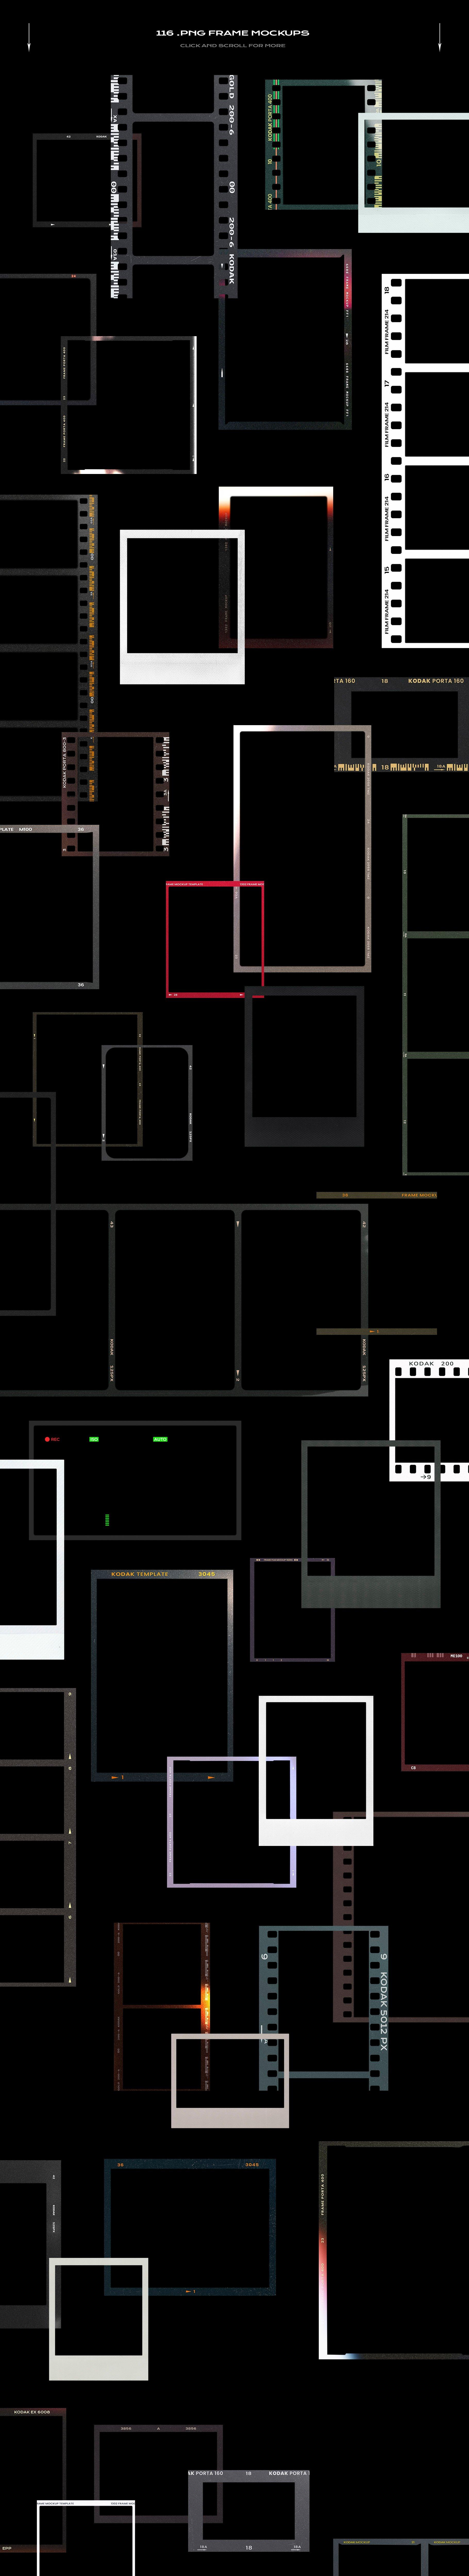 120款复古质感胶卷底片相片边框特效滤镜样机模板 Film Frame Mockup Template Bundle插图(91)